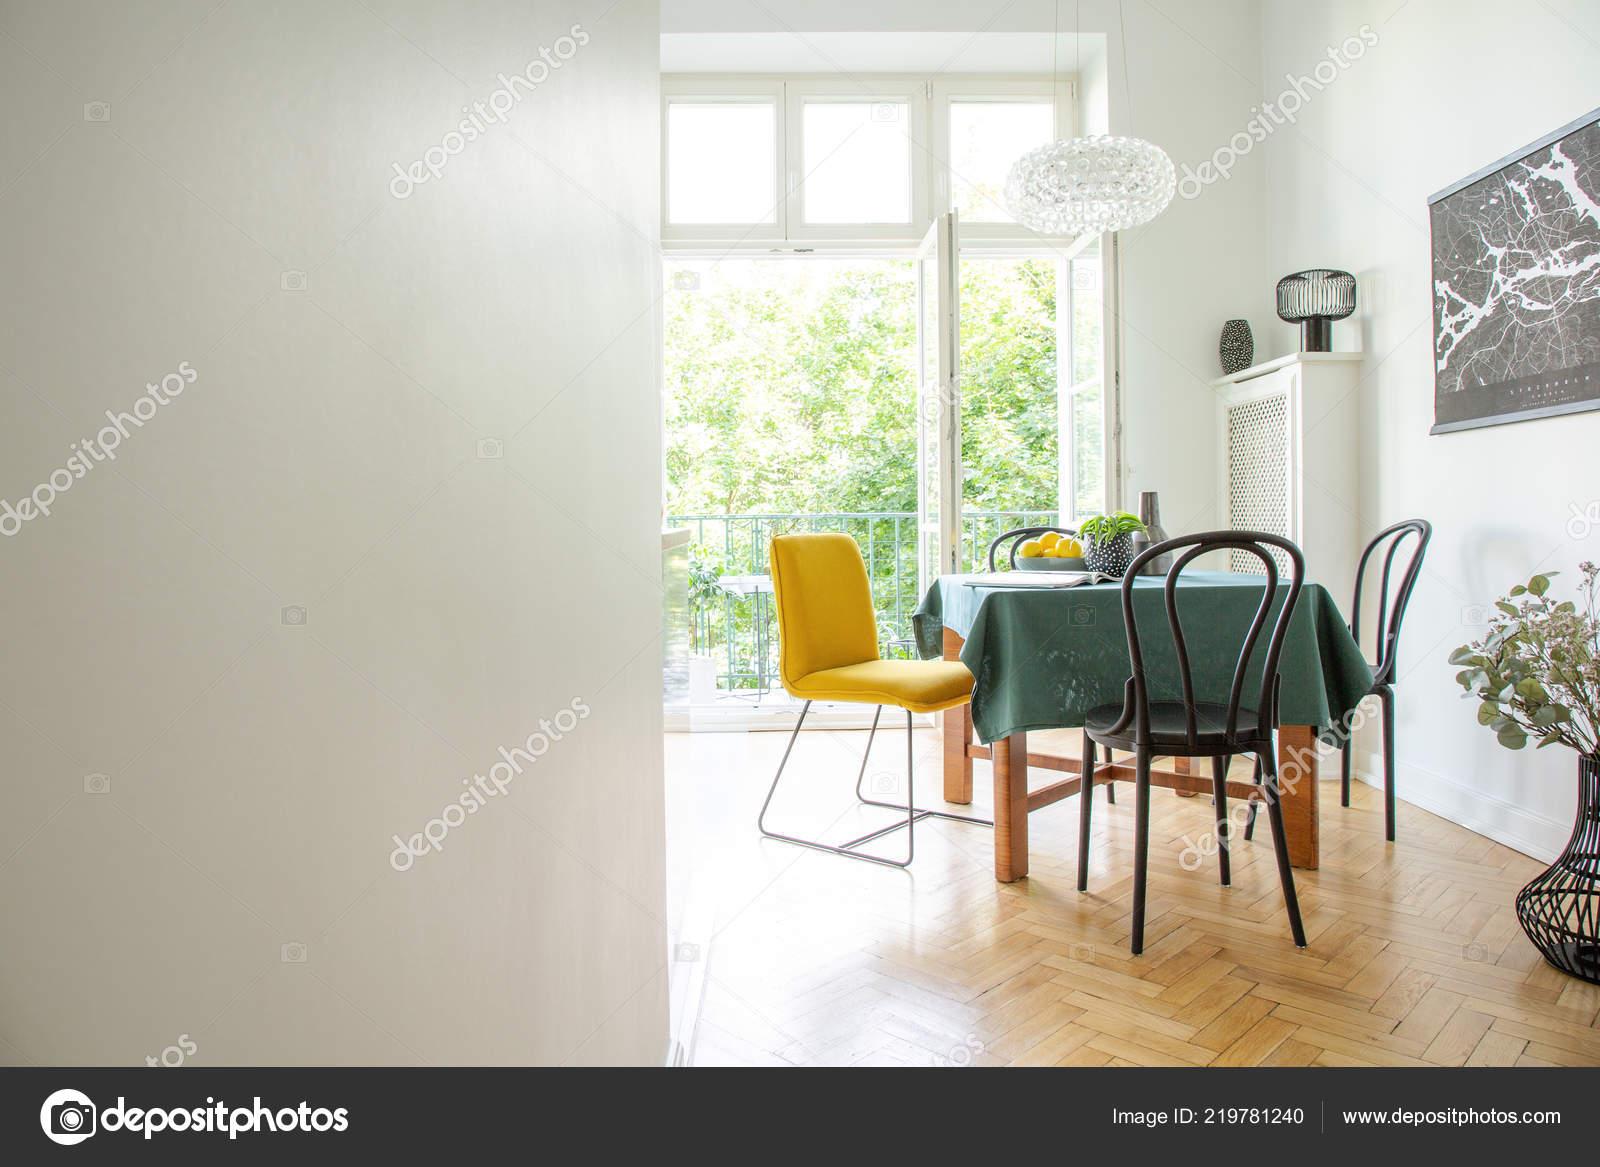 Mobili Della Sala Da Pranzo : Interiore della sala pranzo con mobili legno pareti bianche spazio